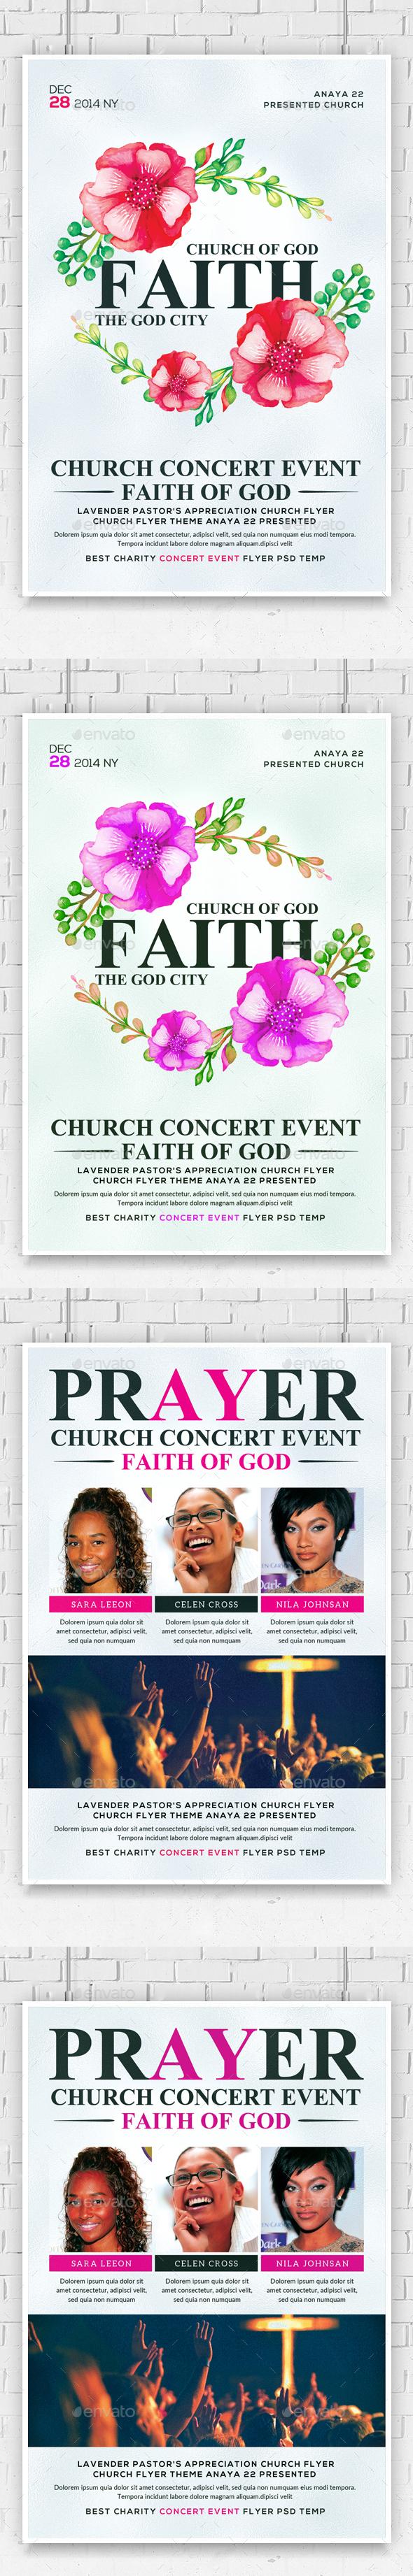 Faith and Prayers Church Flyers Bundle - Church Flyers